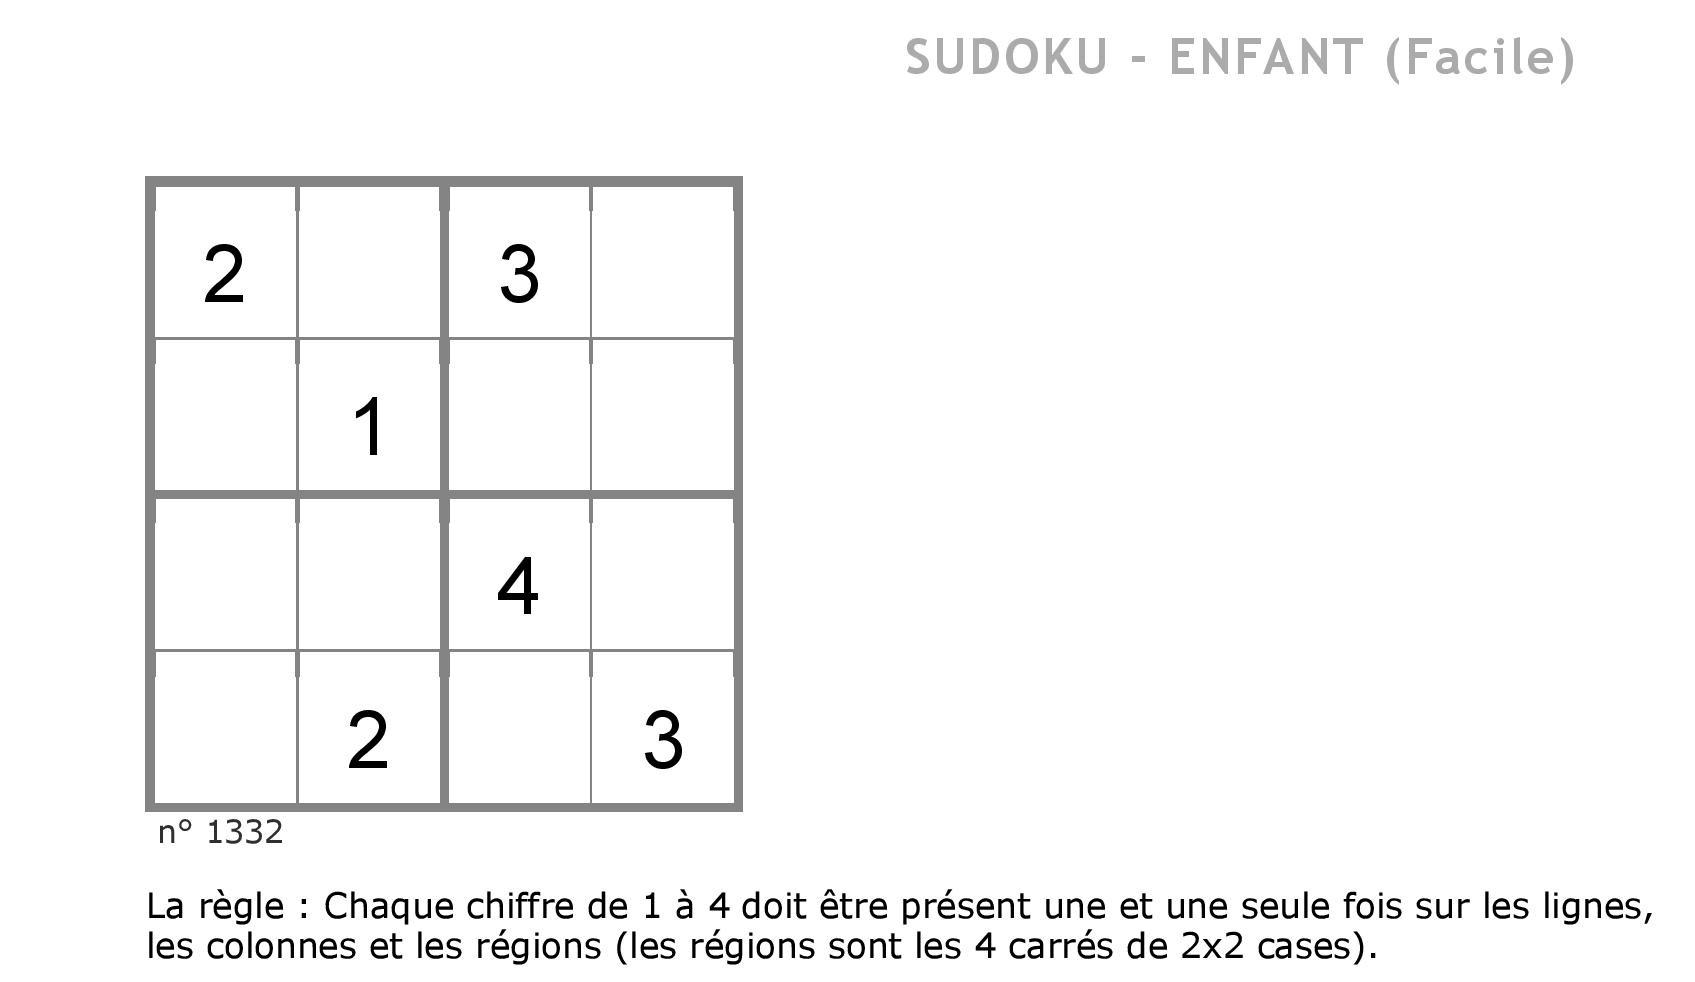 Contes Pour Enfants Sudoku 5 À Lire - Fr.hellokids serapportantà Sudoku Gratuit En Ligne Facile